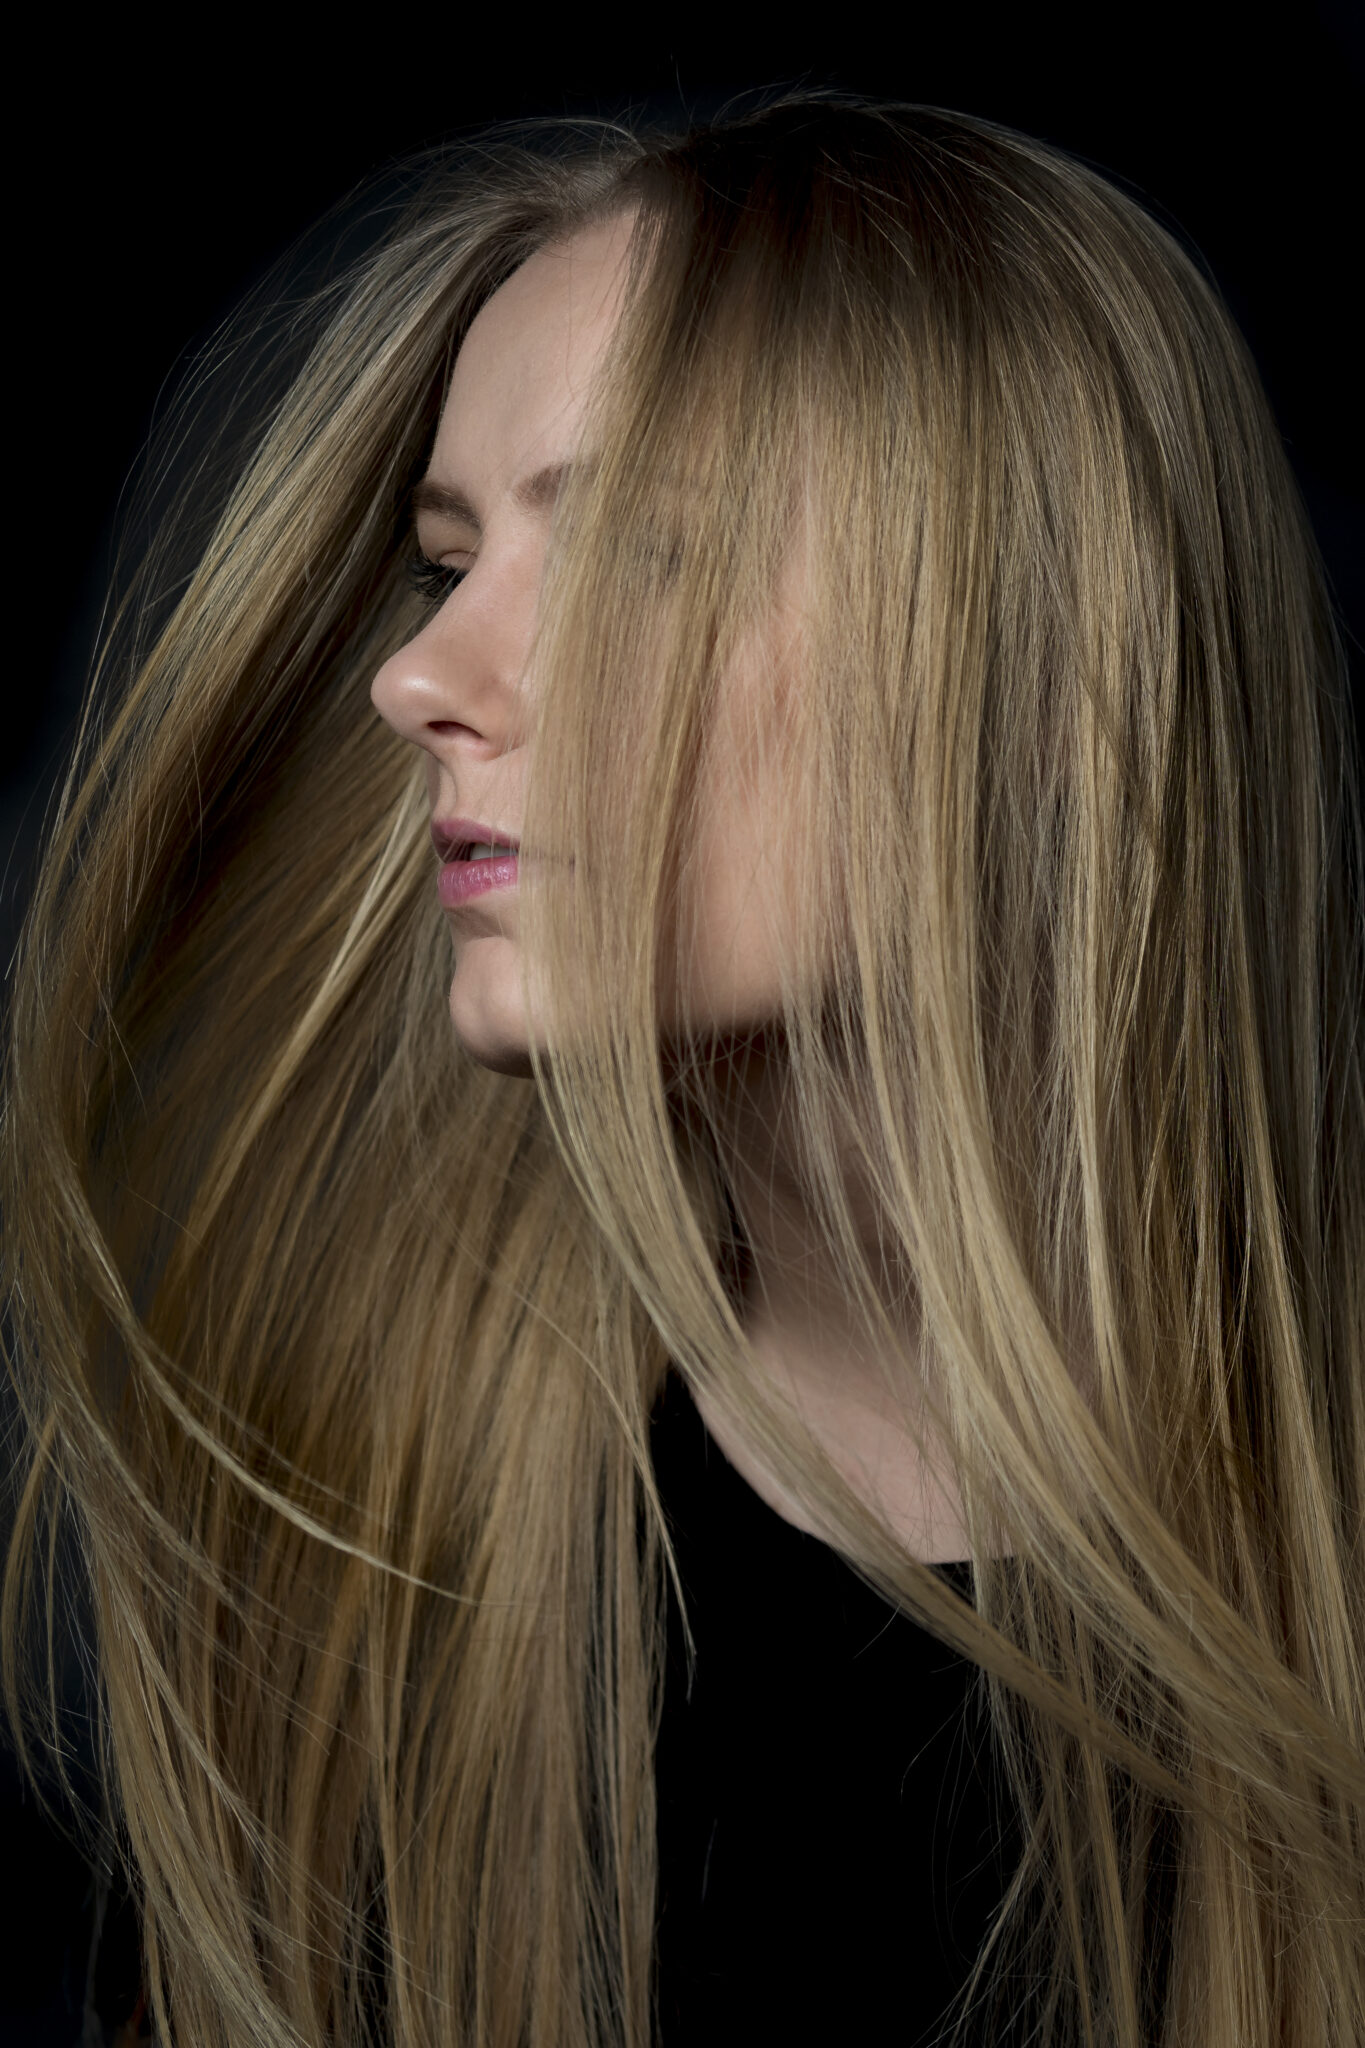 Portrait - female makeup